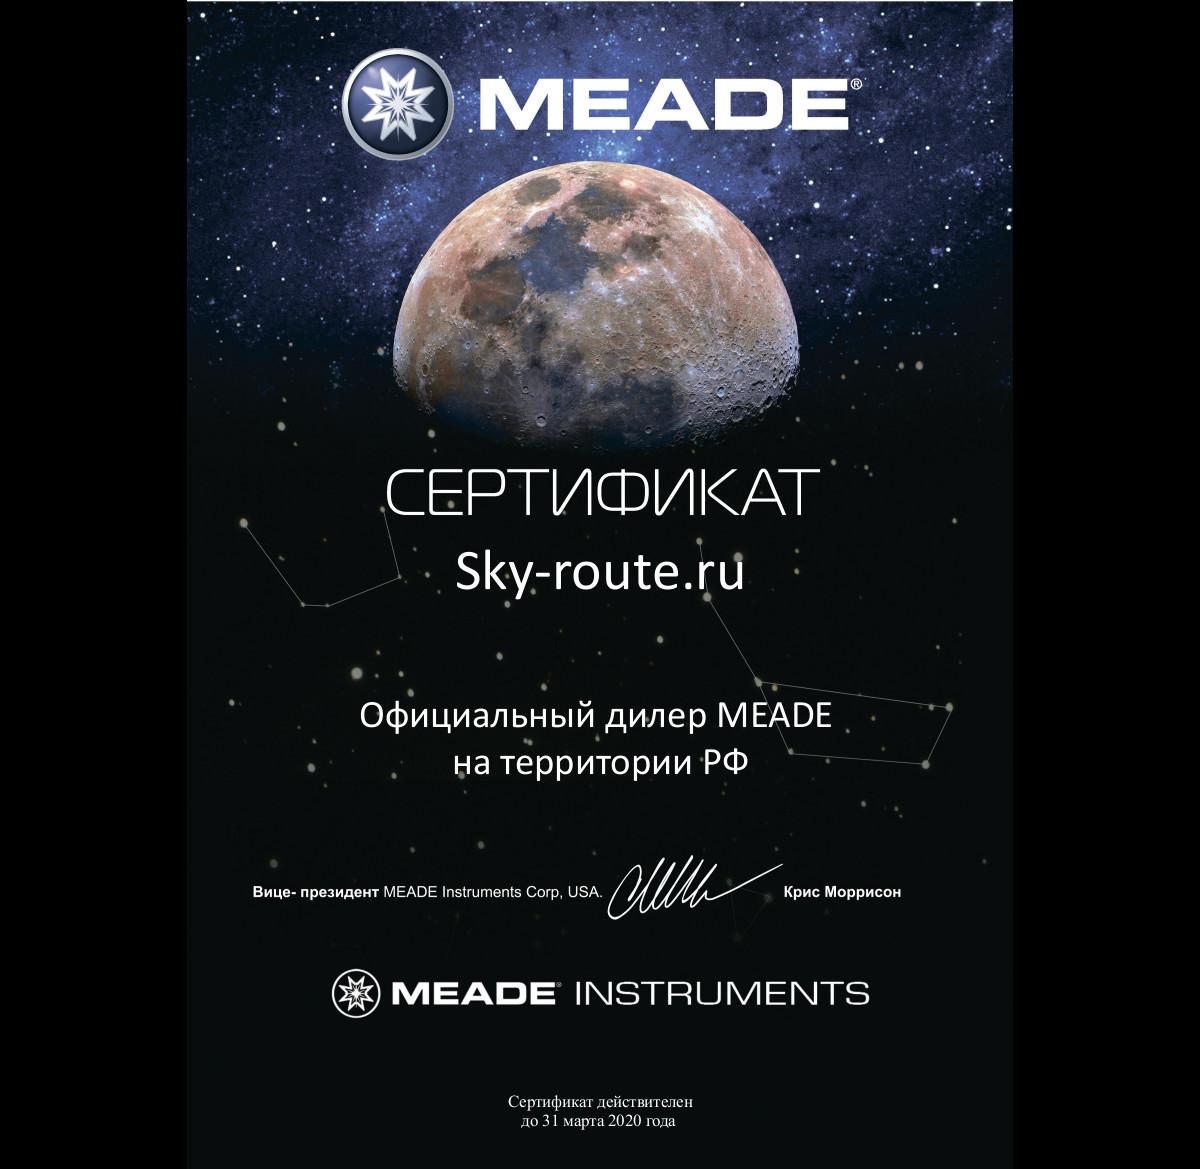 Официальный дилер телескопов Meade